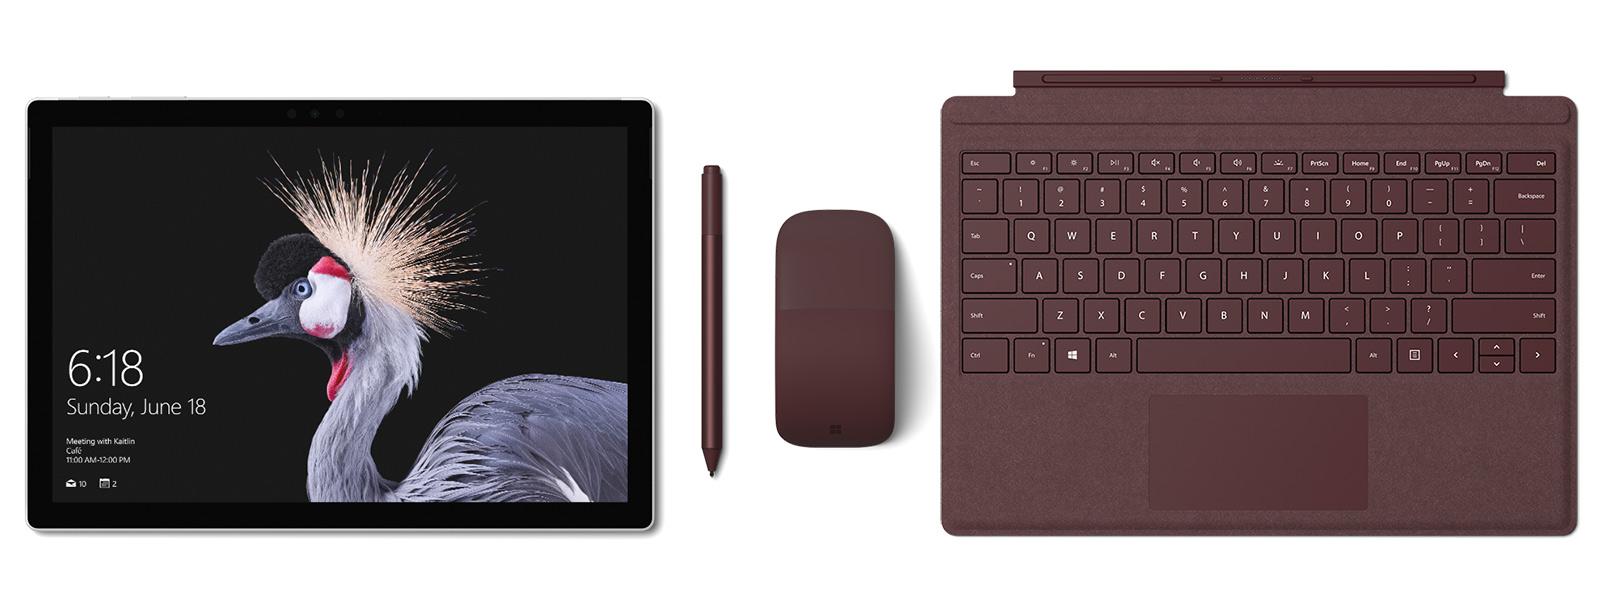 Immagine di Surface Pro con la Cover con tasti Signature per Surface Pro, la Penna per Surface e Surface Arc Mouse in bordeaux. La Penna per Surface lo accompagna.